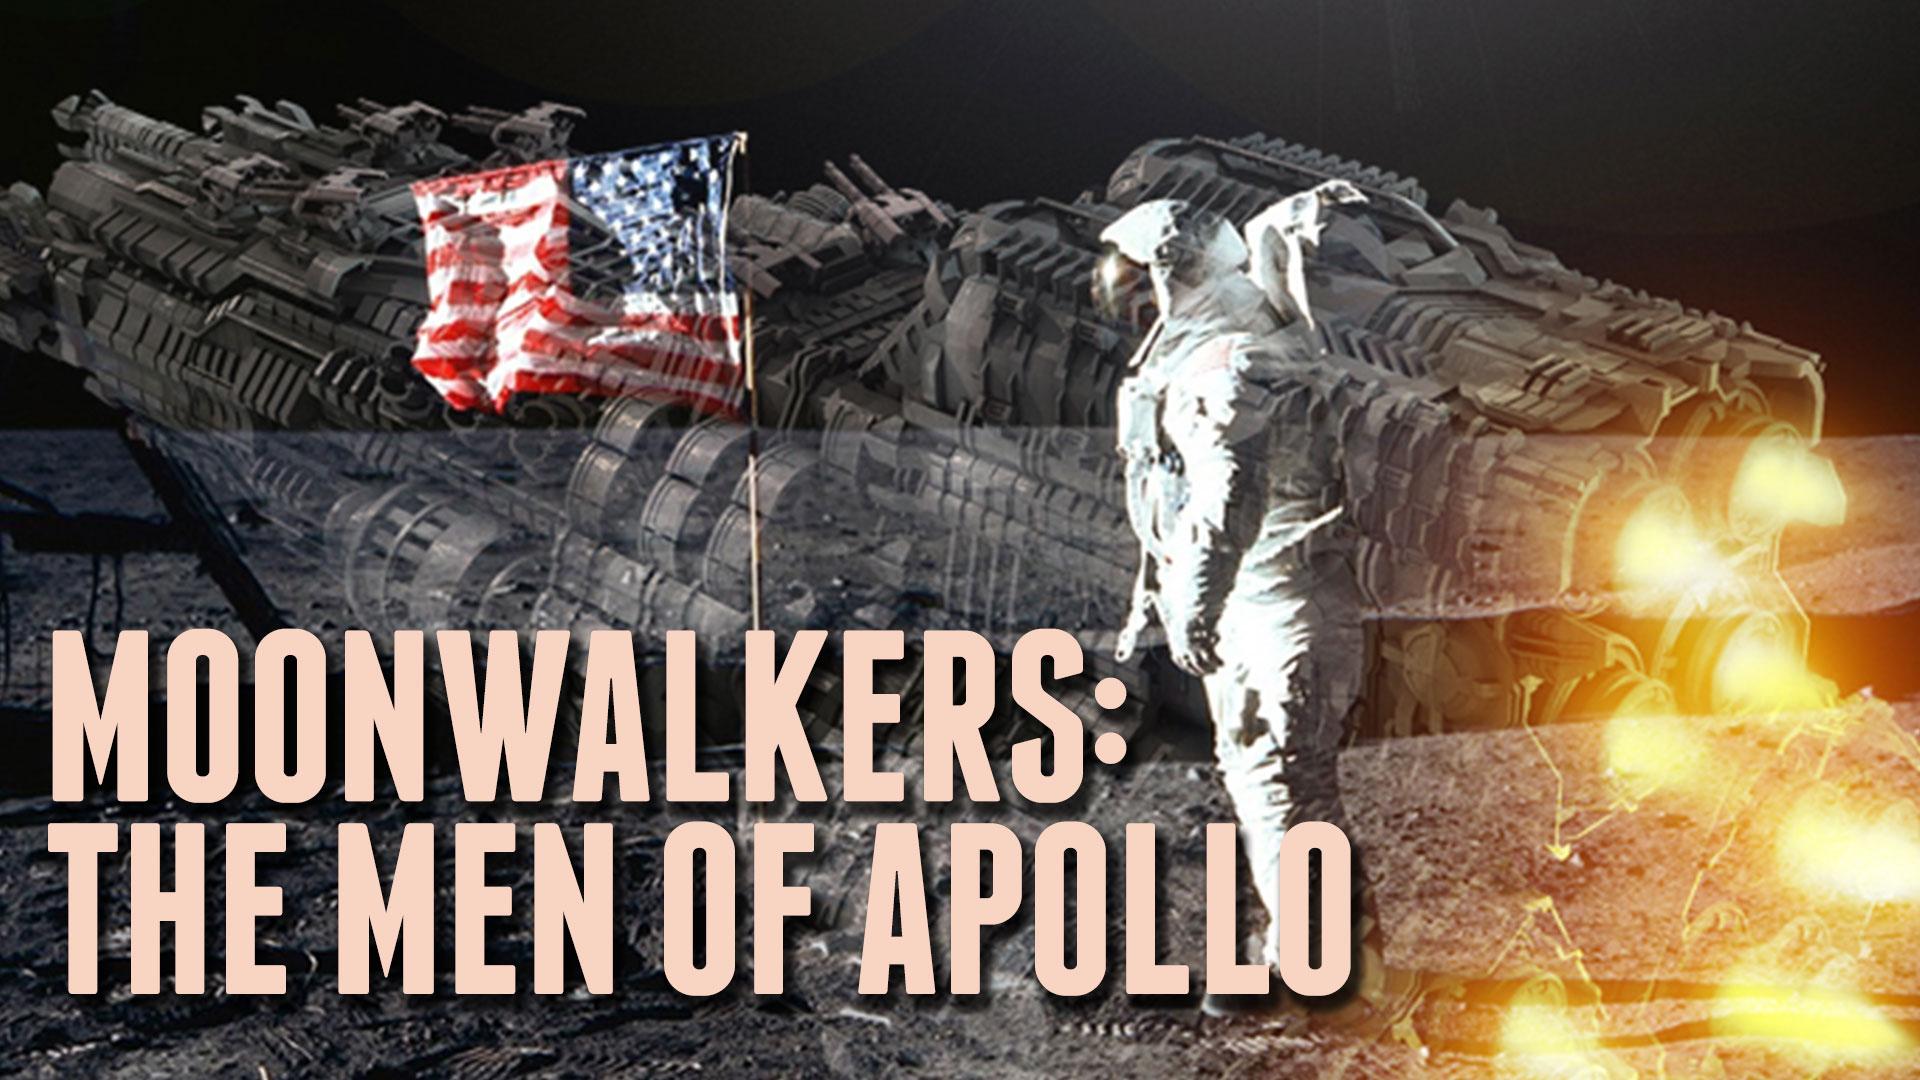 Moonwalkers: The Men of Apollo